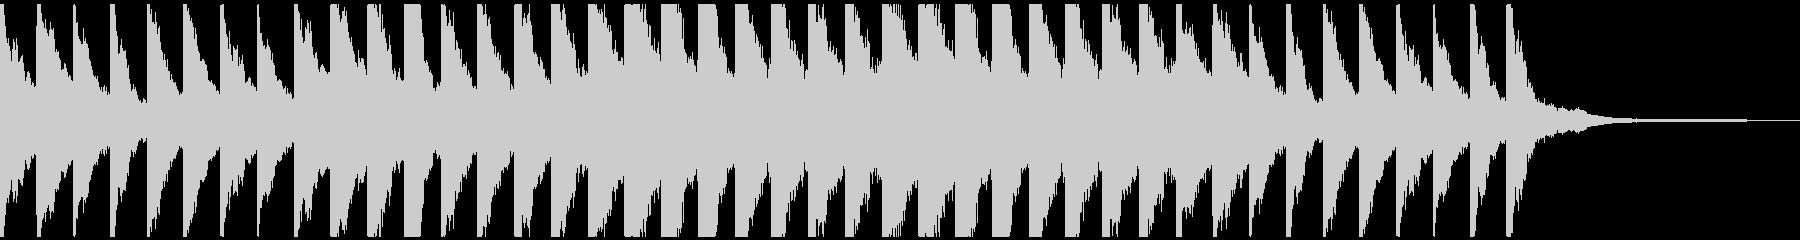 チャイムの様なピアノの未再生の波形